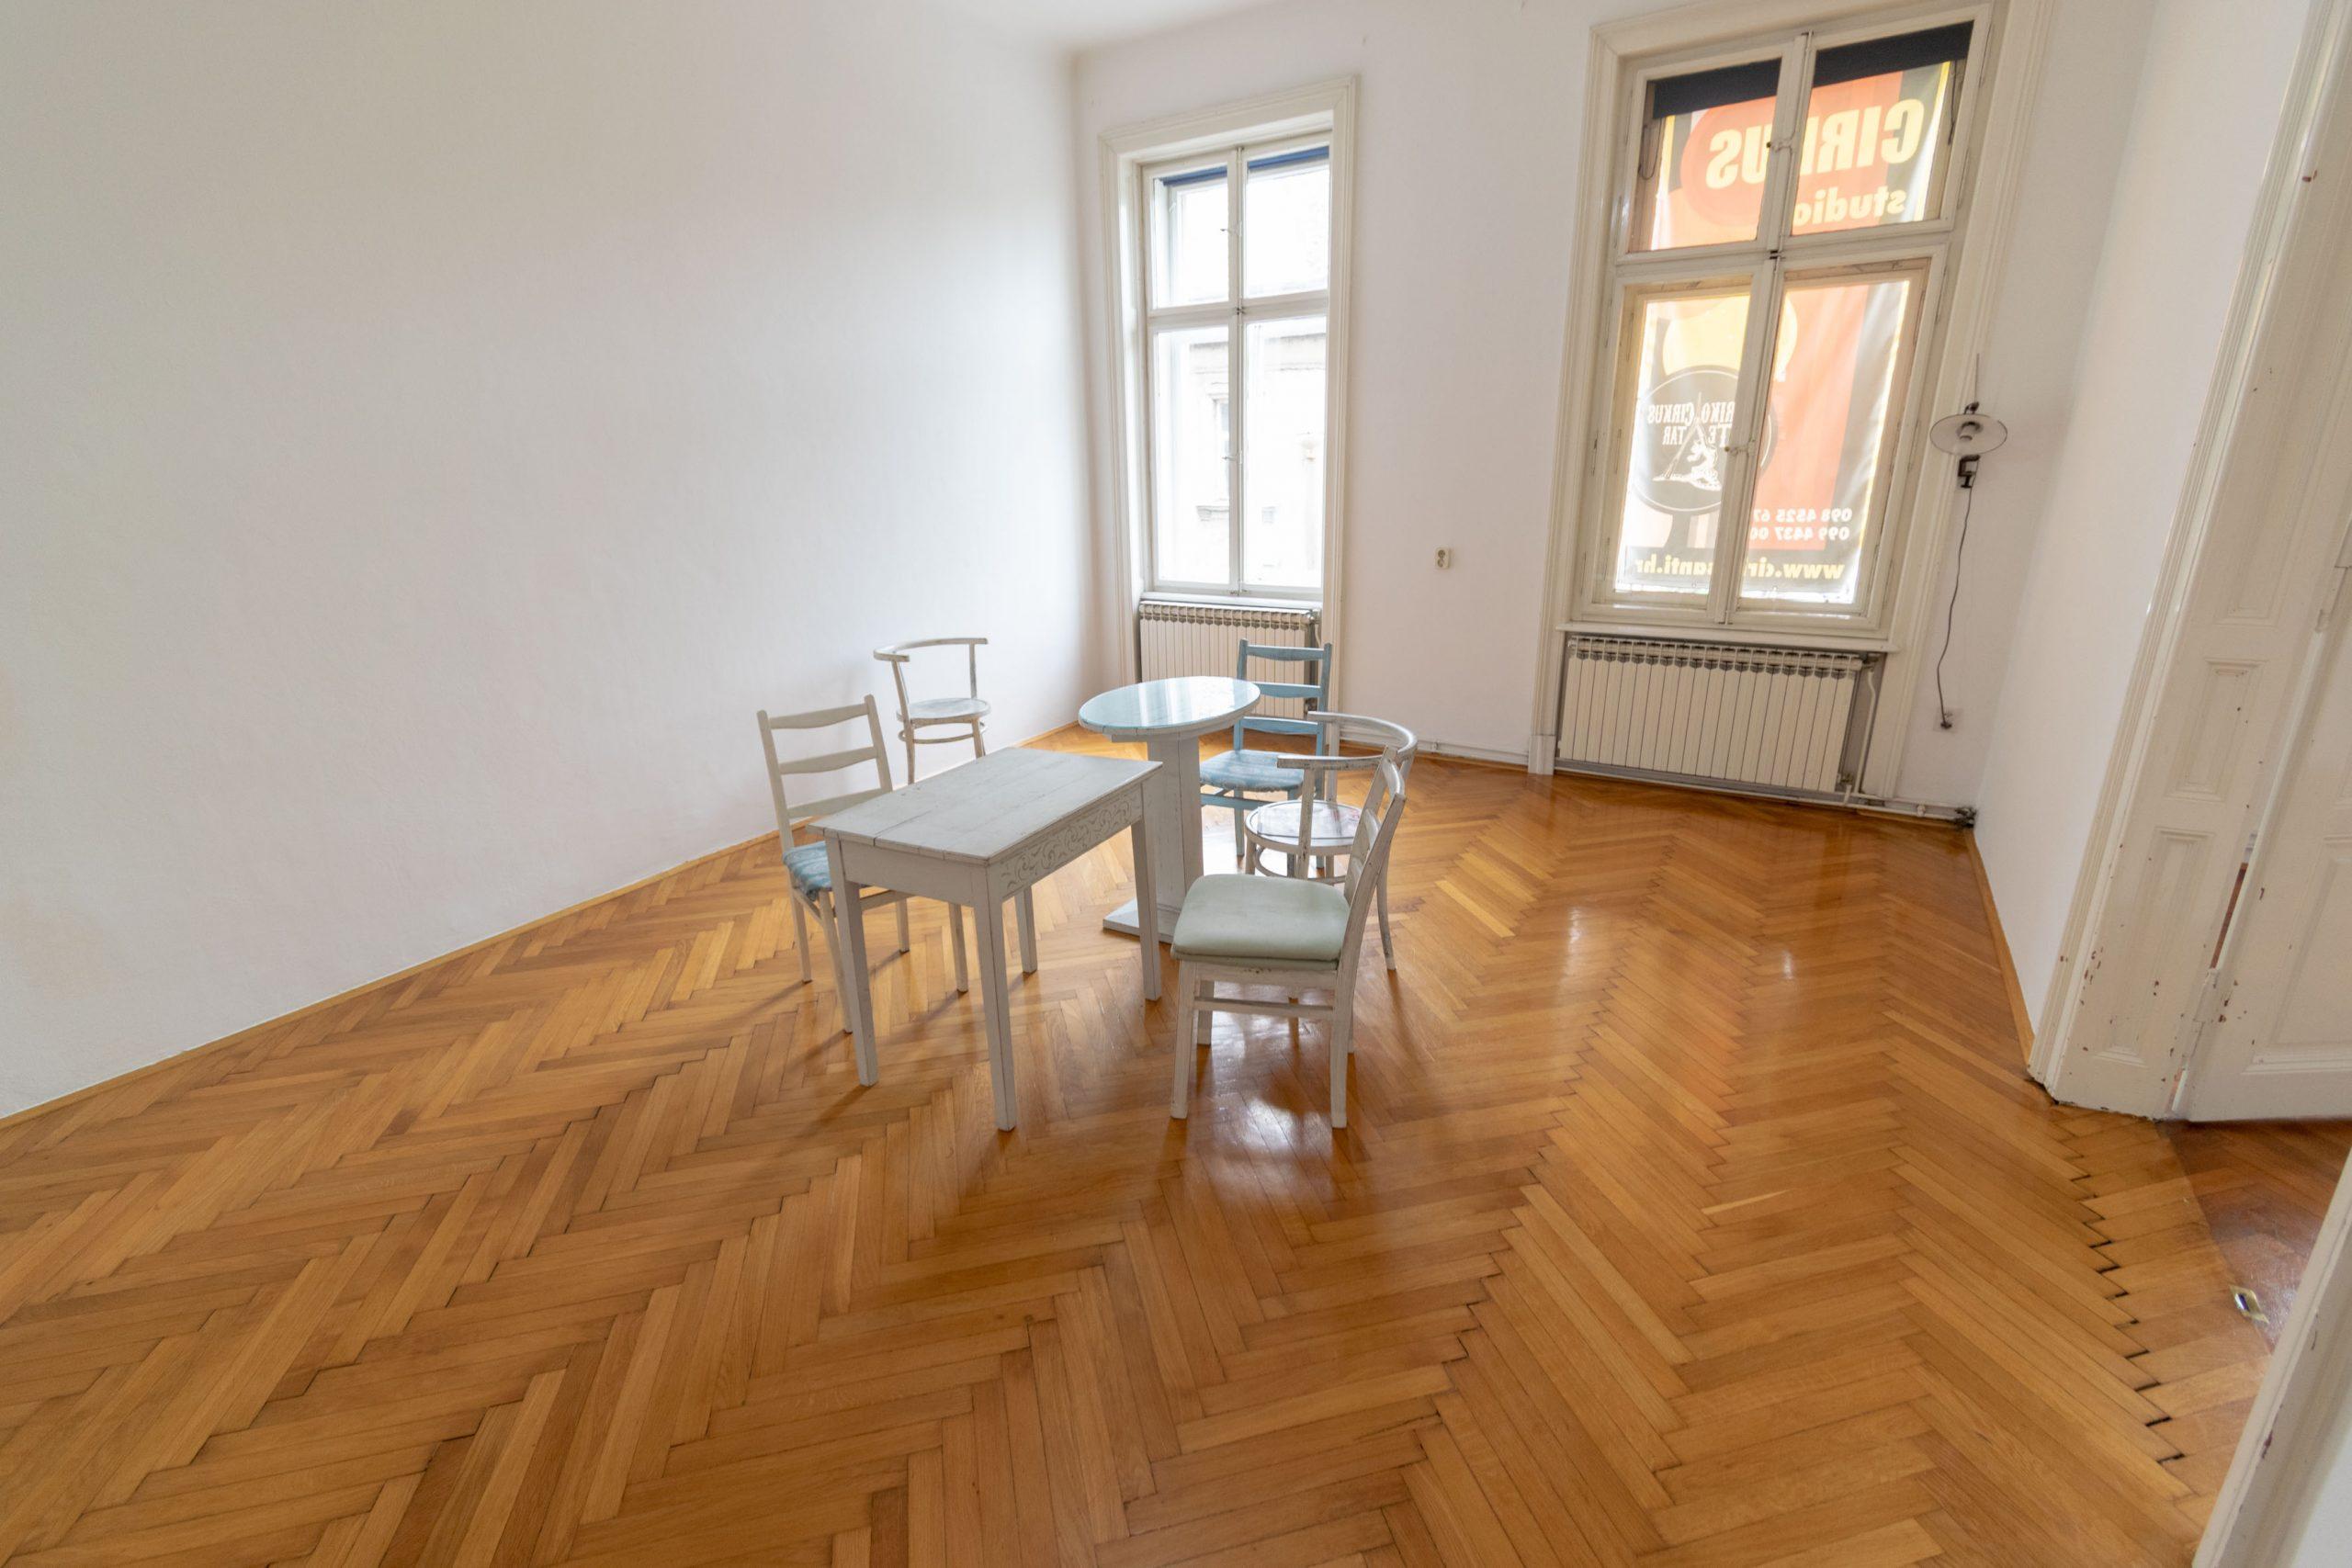 Poslovni prostor: Zagreb (Črnomerec), 109 m2, ILICA/TRG FRANJE TUĐMANA (iznajmljivanje)